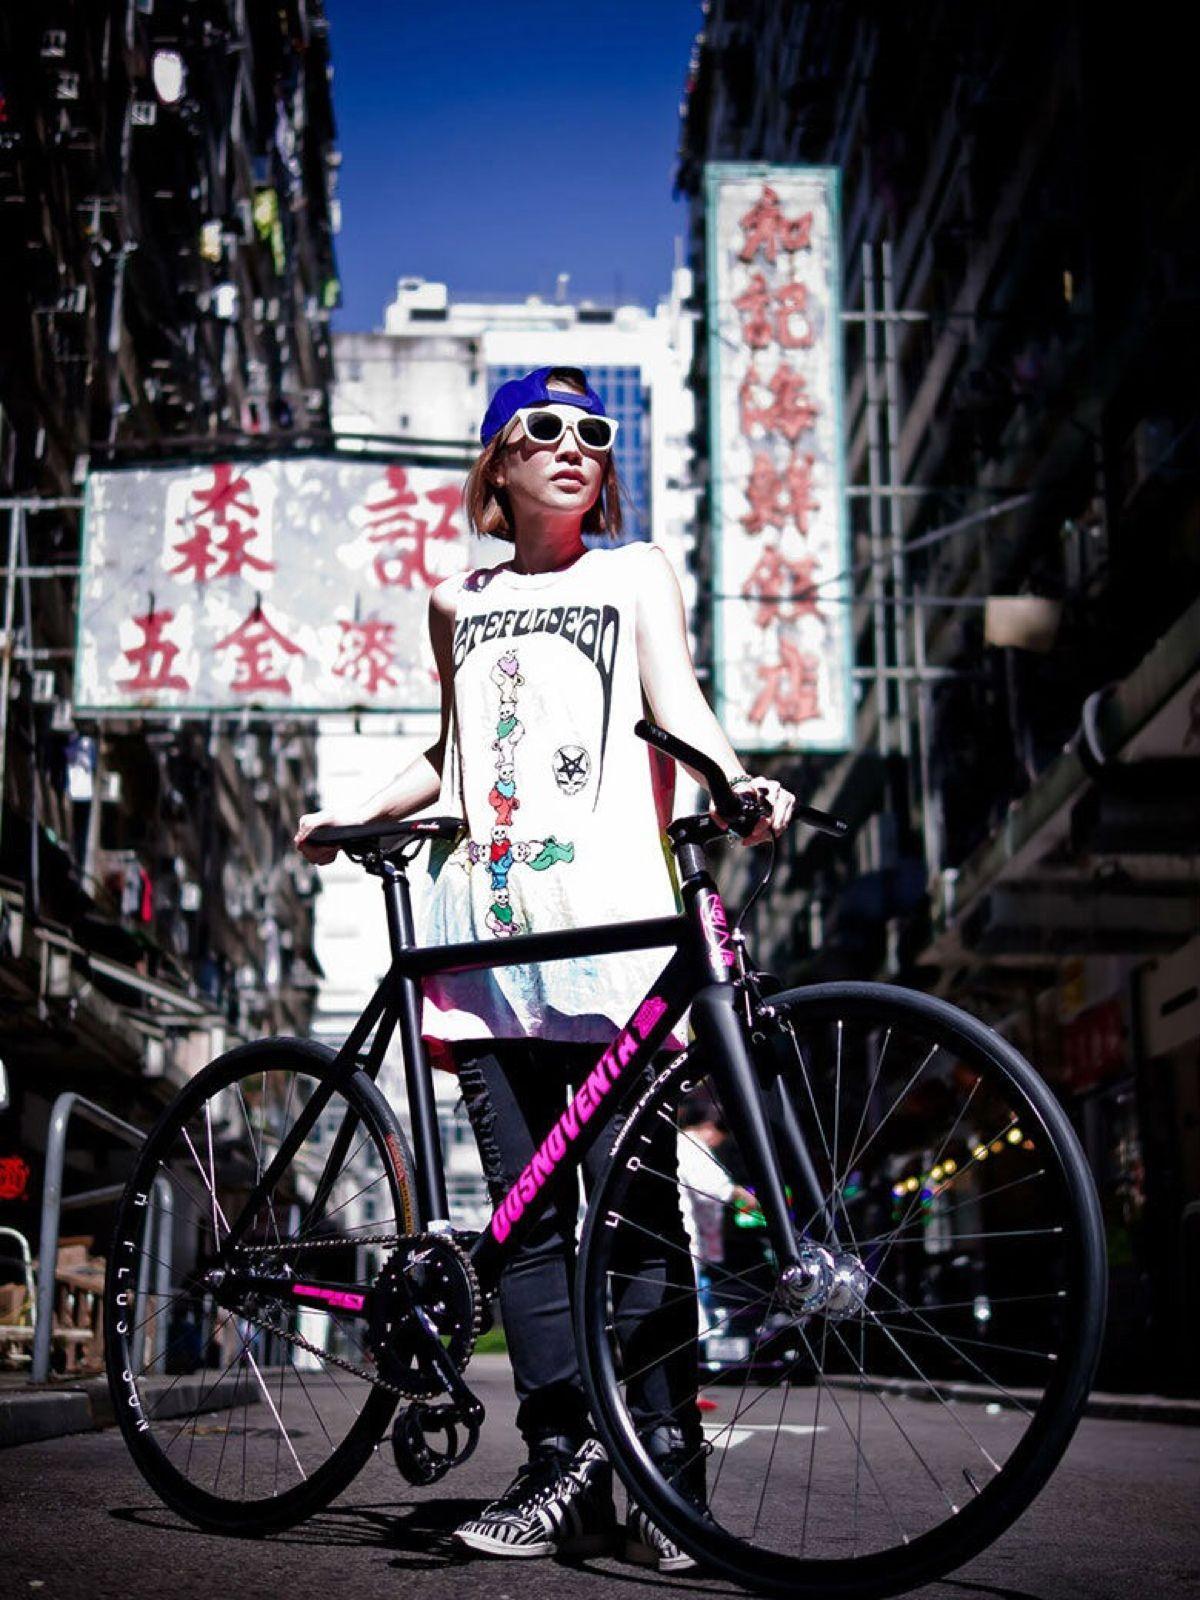 就是要不一样,个性十足的死飞自行车图片分享 图6